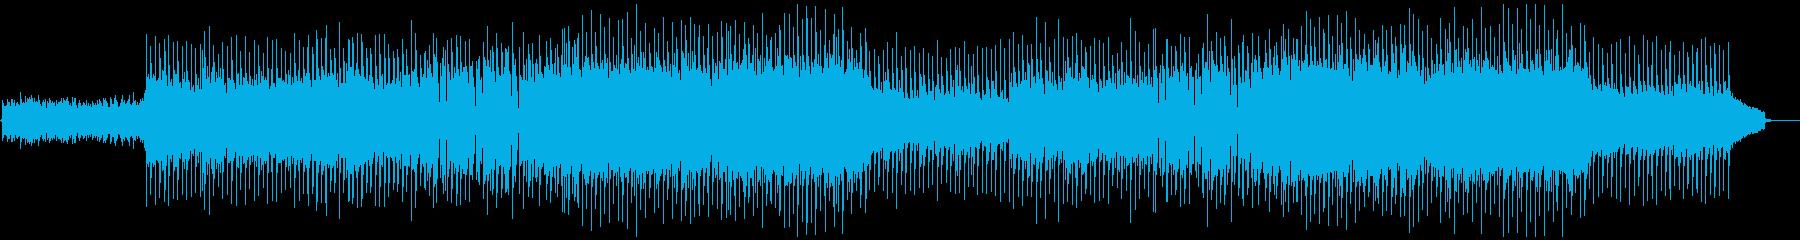 VP系11、爽やかなロック、ドライブAの再生済みの波形